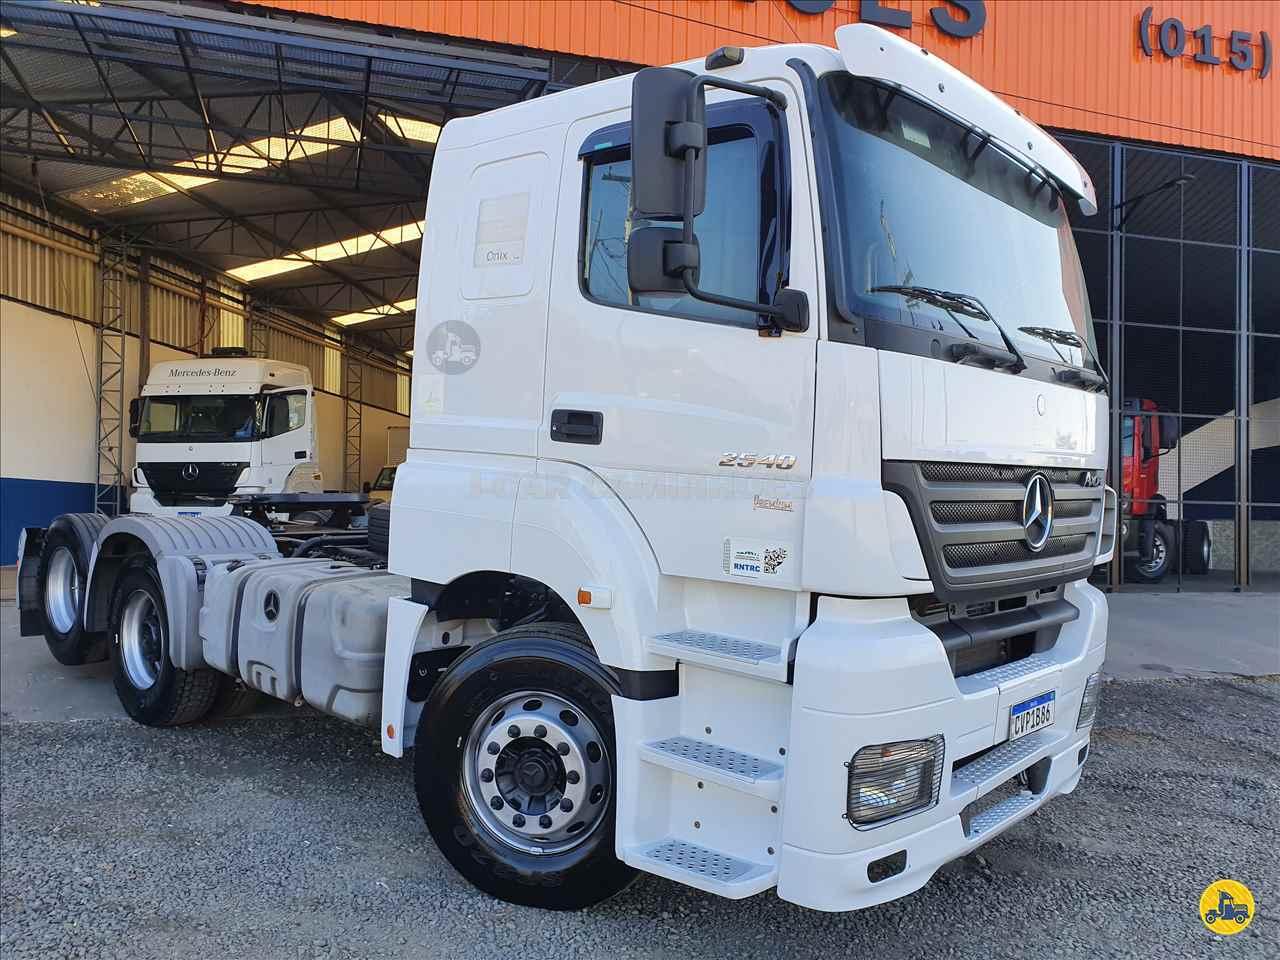 CAMINHAO MERCEDES-BENZ MB 2540 Cavalo Mecânico Truck 6x2 J Car Caminhões CESARIO LANGE SÃO PAULO SP